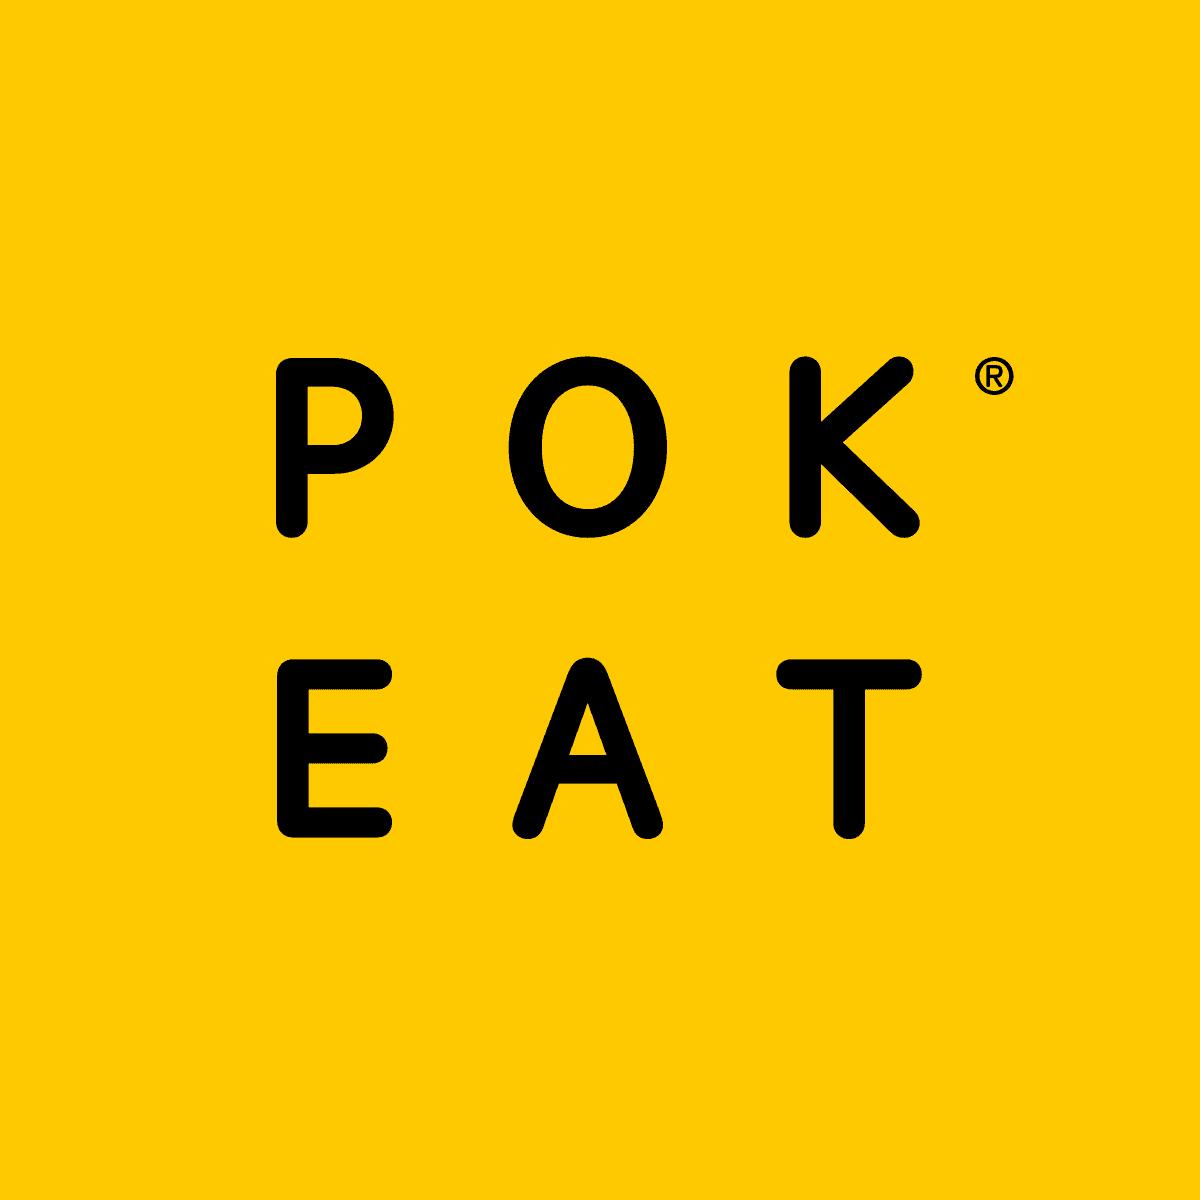 Pokeat.cz